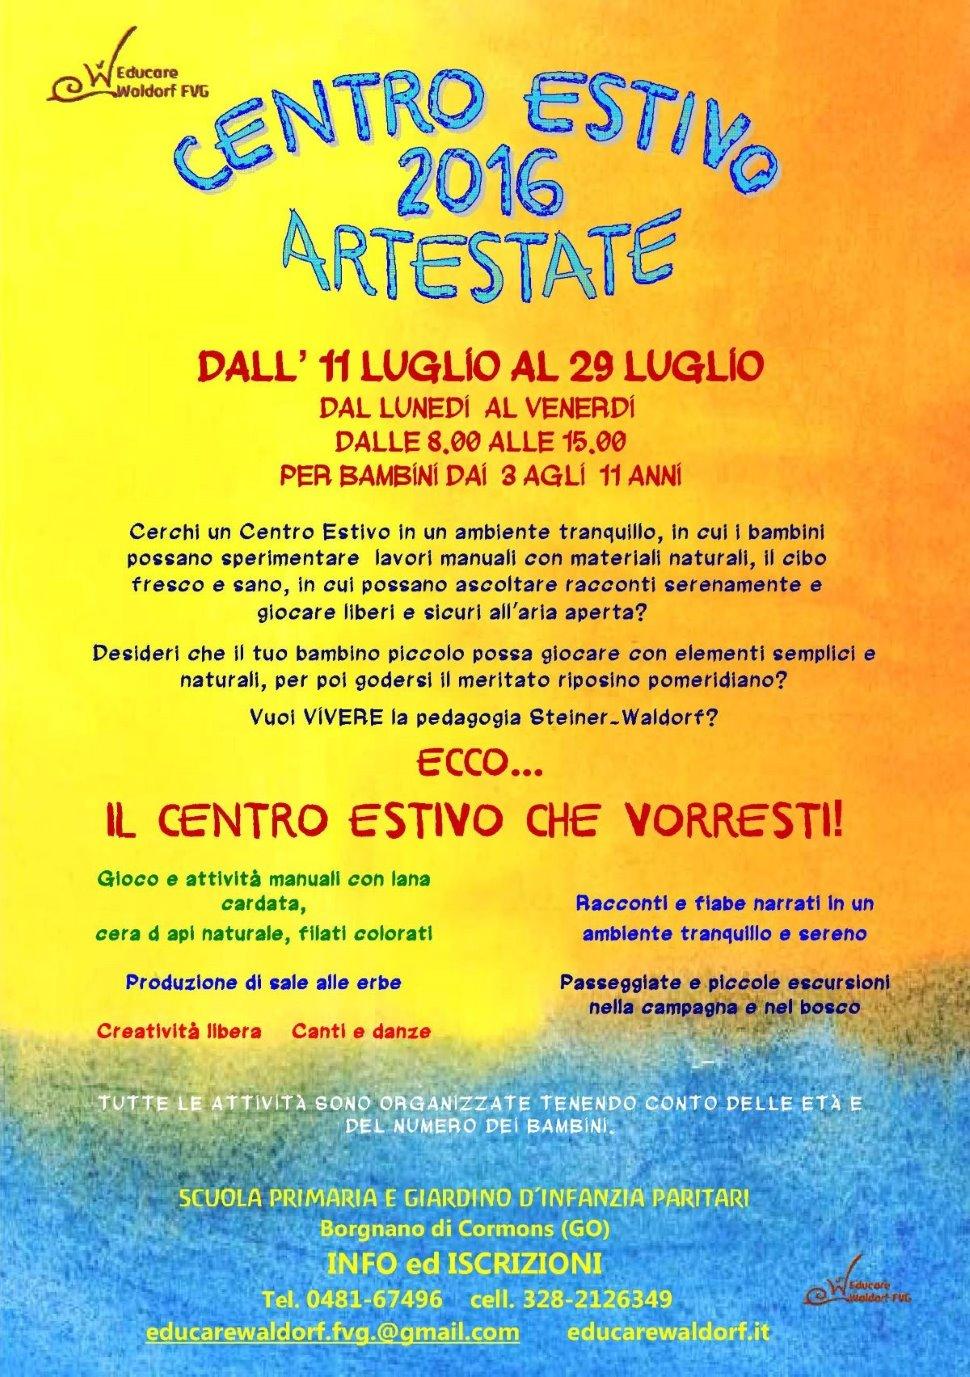 CENTRO ESTIVO PER BAMBINI DAI 3 AGLI 11 ANNI DALL'11 LUGLIO AL 29 LUGLIO dalle 8.00 alle 15.00